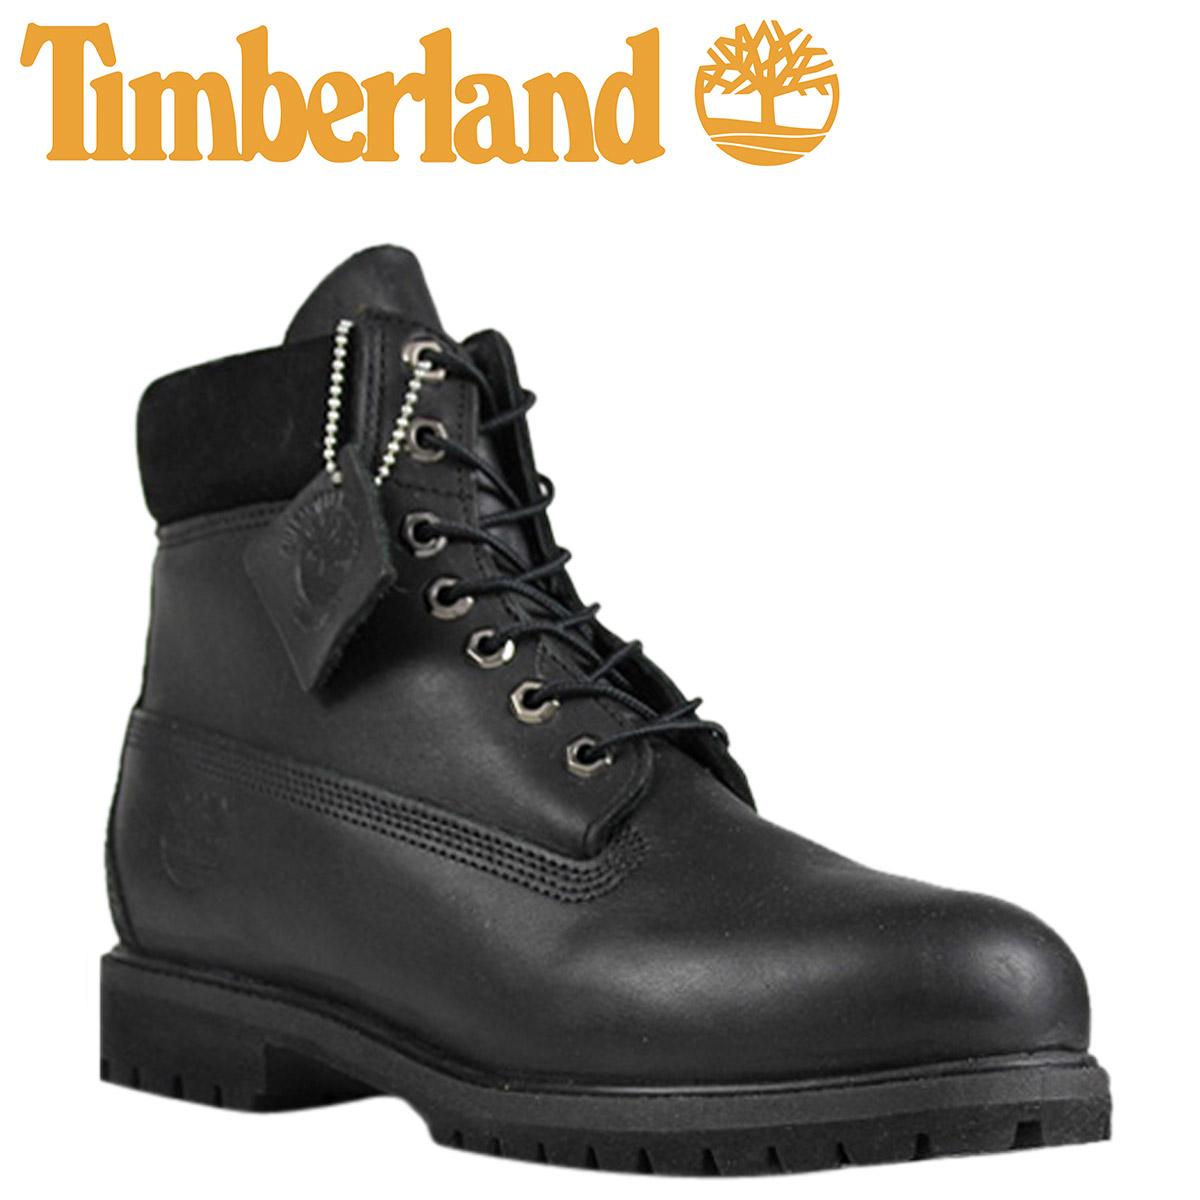 Timberland Clásicas Botas Premium 6 Pulgadas Negro VYZxFiMe